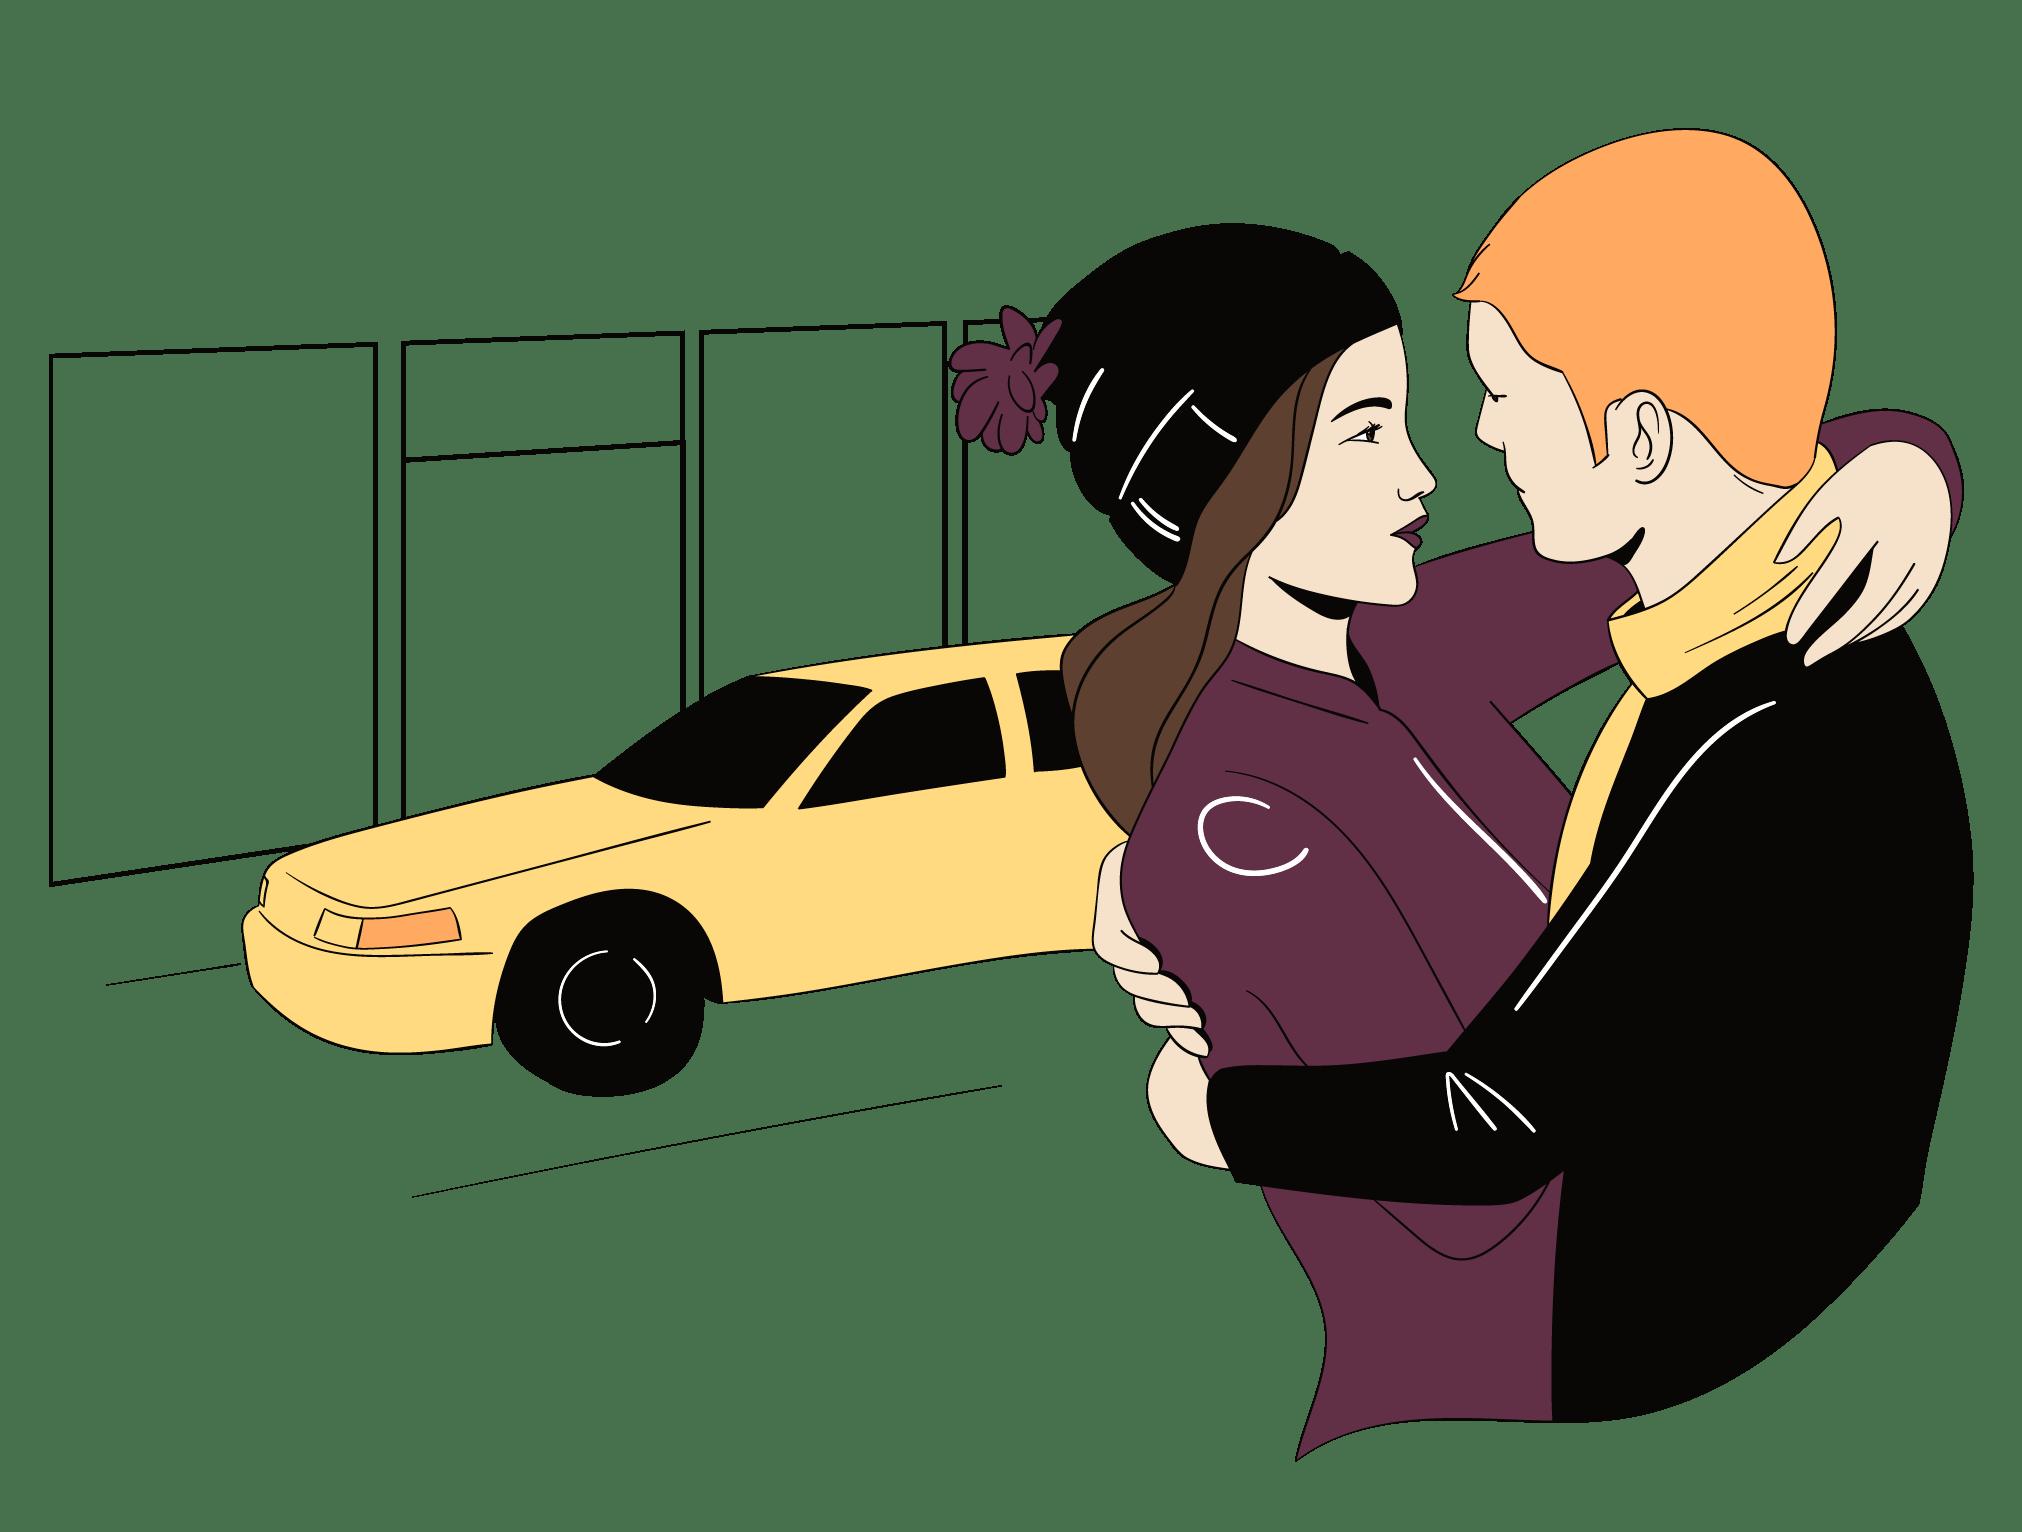 Le mari et la femme sont amoureux